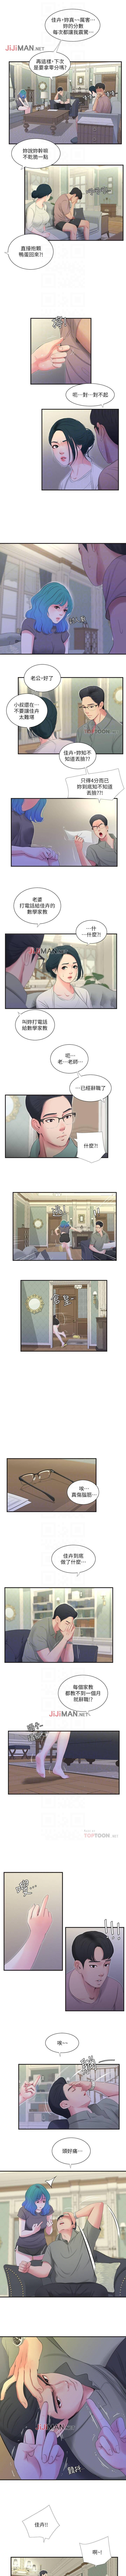 【周四连载】亲家四姐妹(作者:愛摸) 第1~27话 94